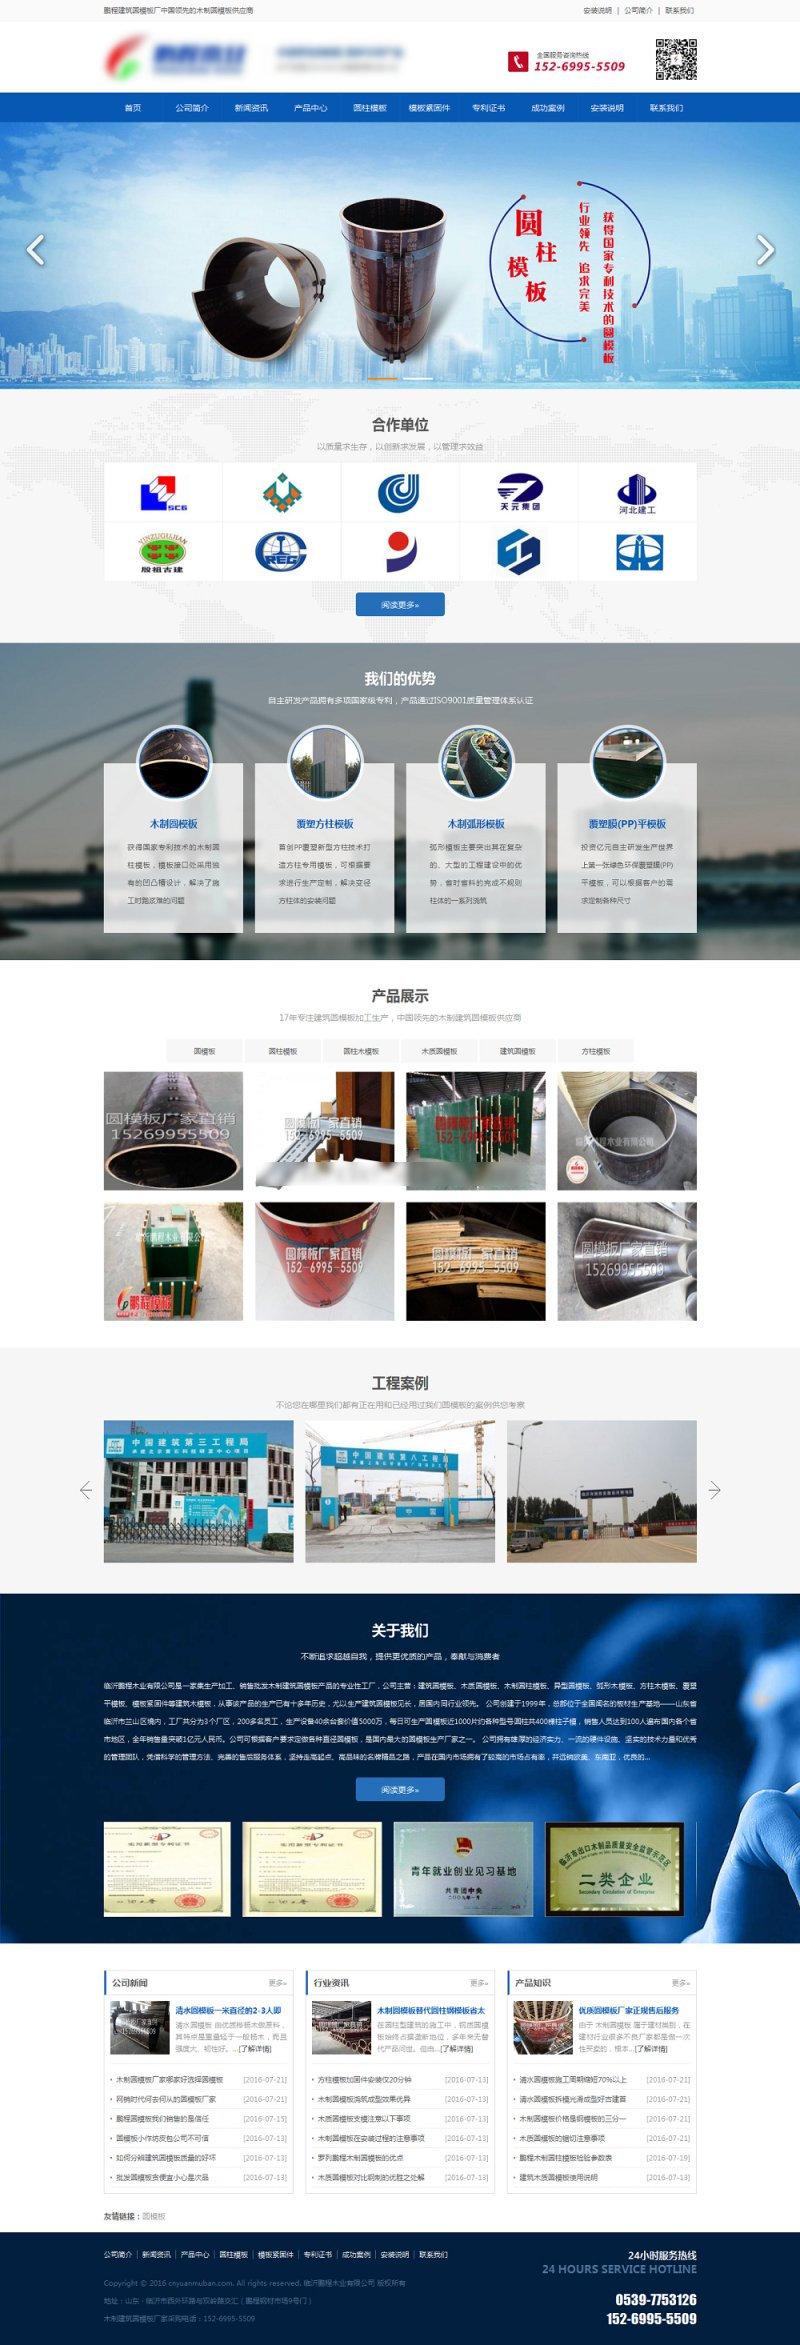 蓝色大气圆方柱模板生产企业网站模板下载